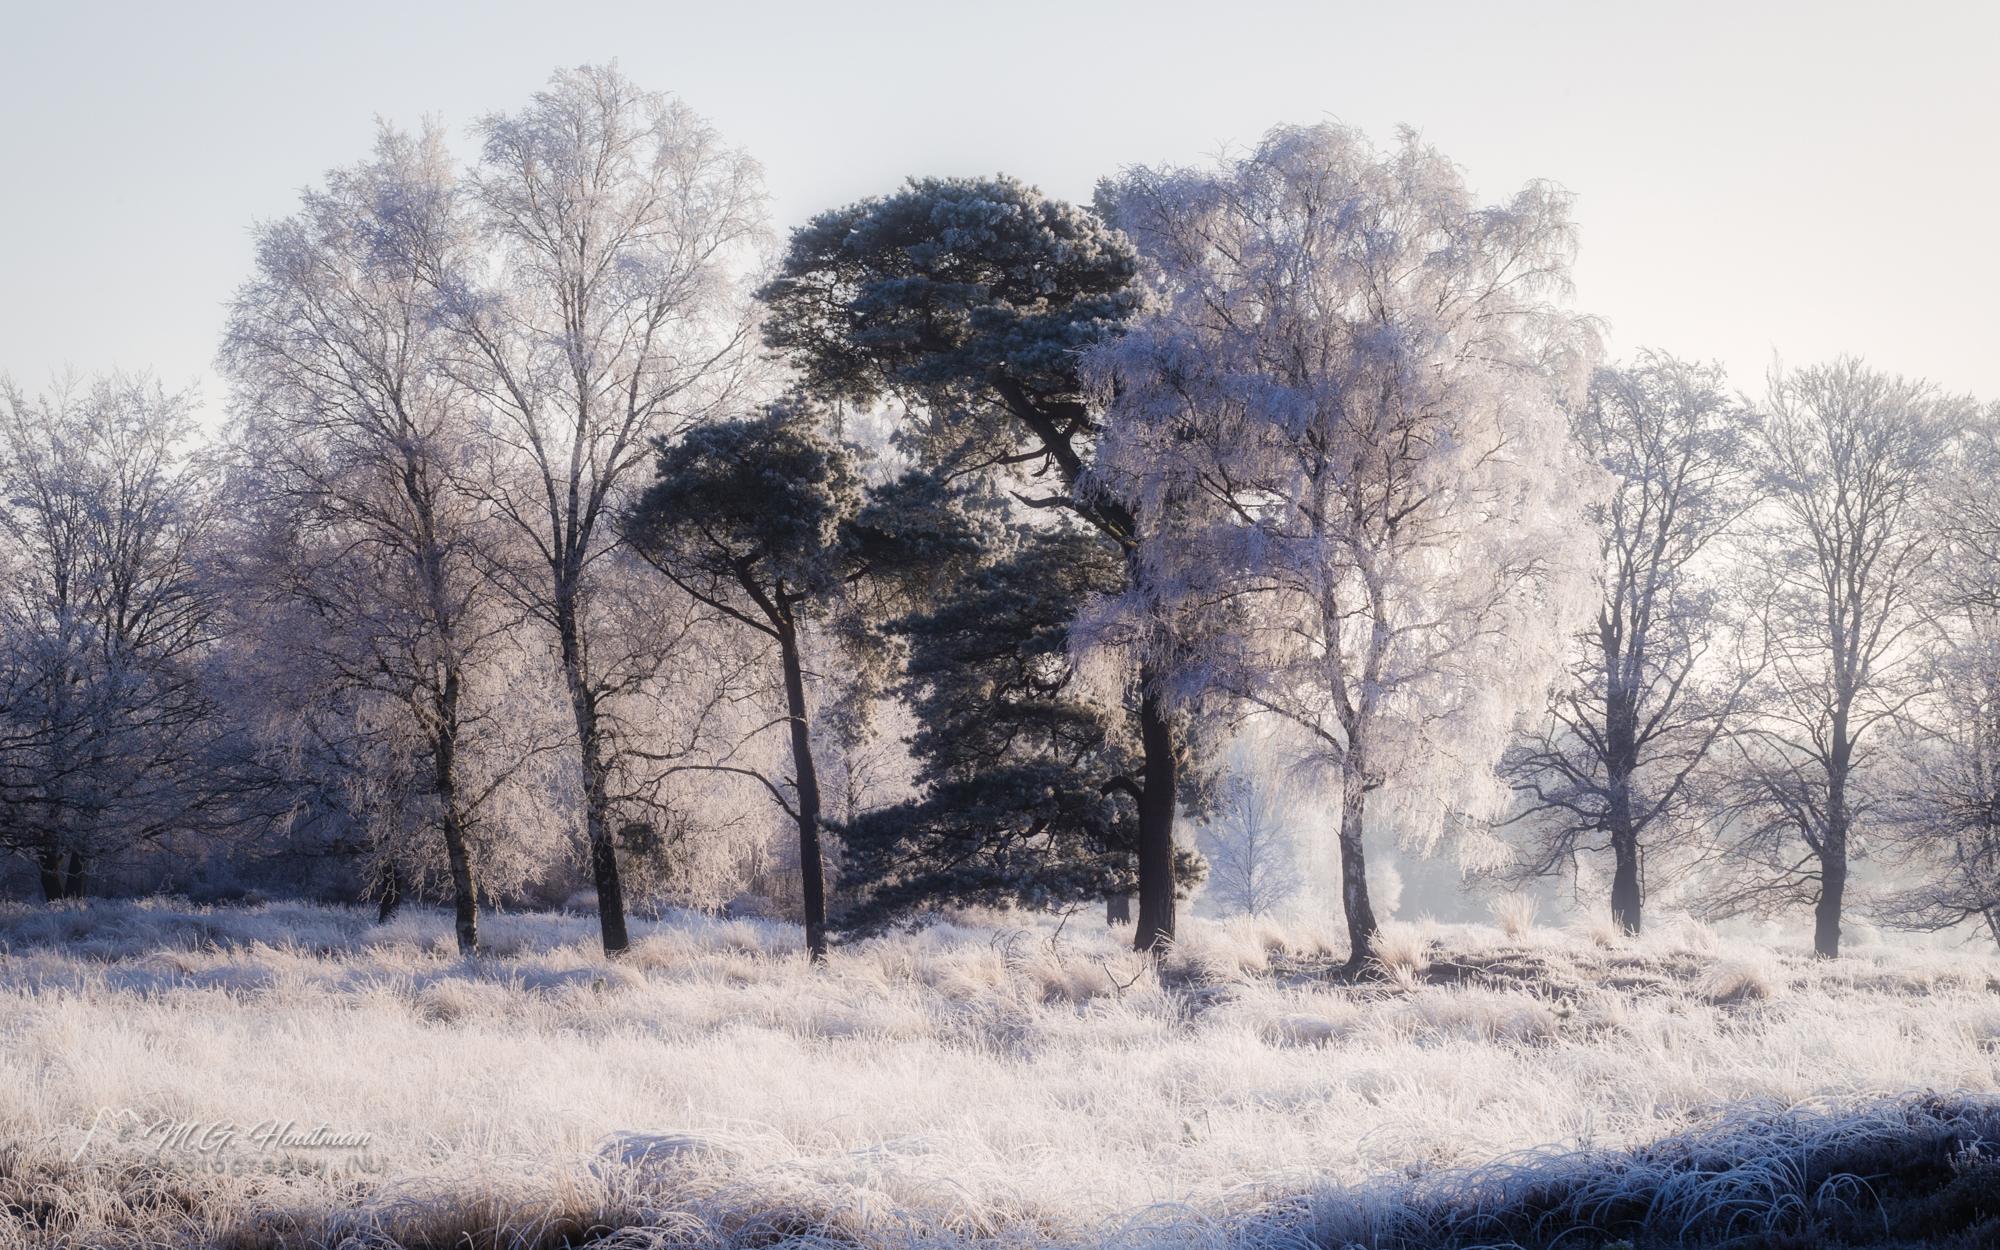 Nationaal Park Utrechtse Heuvelrug. Bos, heide en vennen